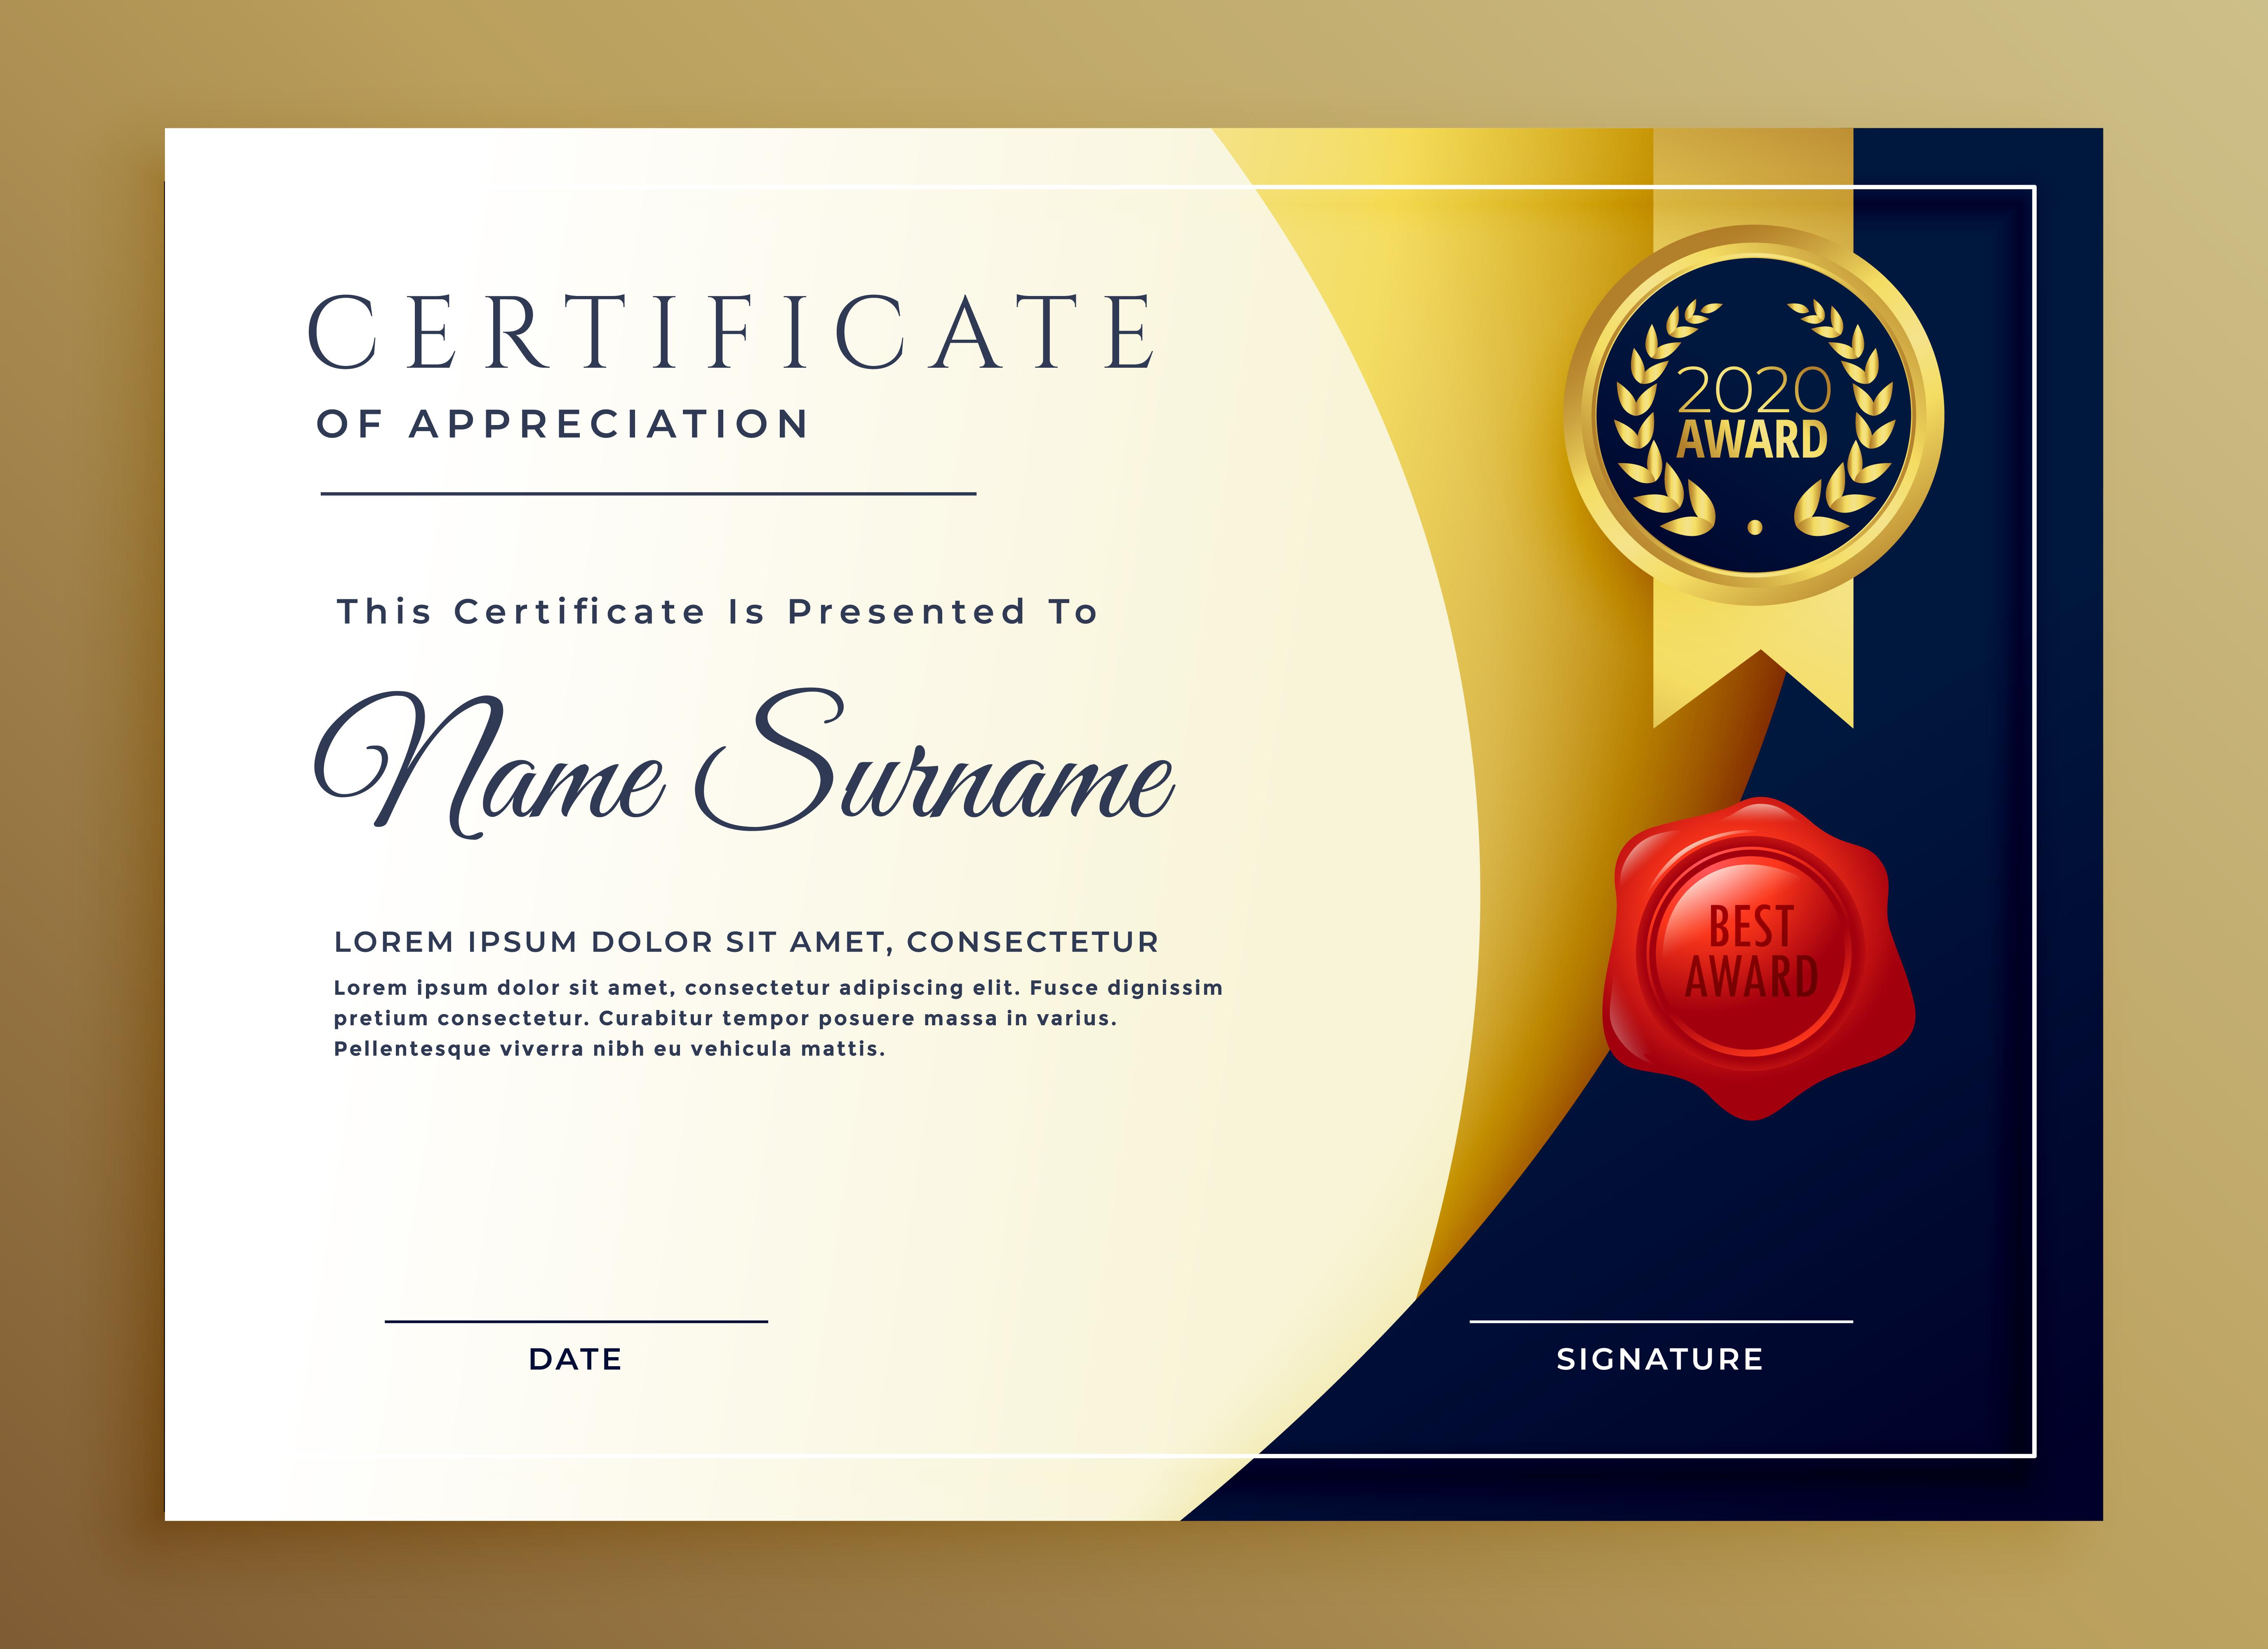 certificate template diploma appreciation award professional elegant vector sample creative freepik link